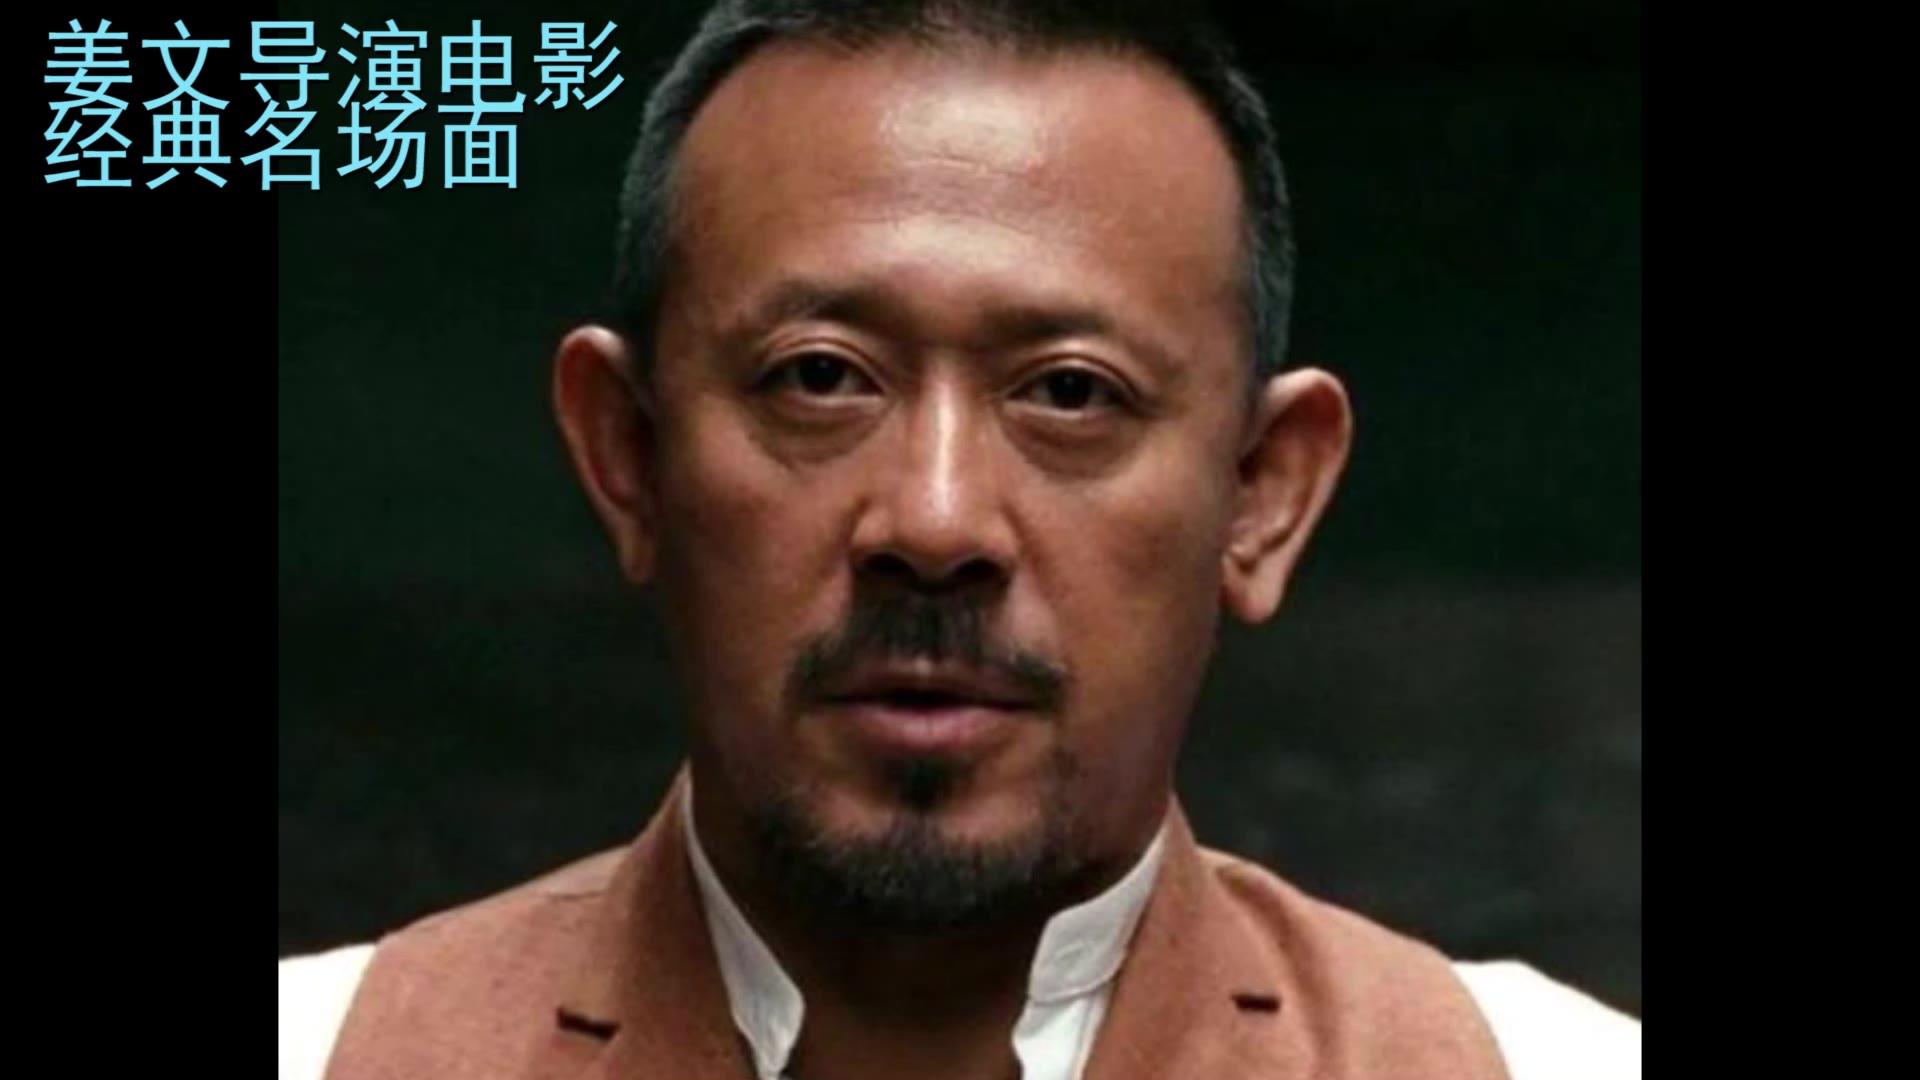 姜文导演电影经典名场面